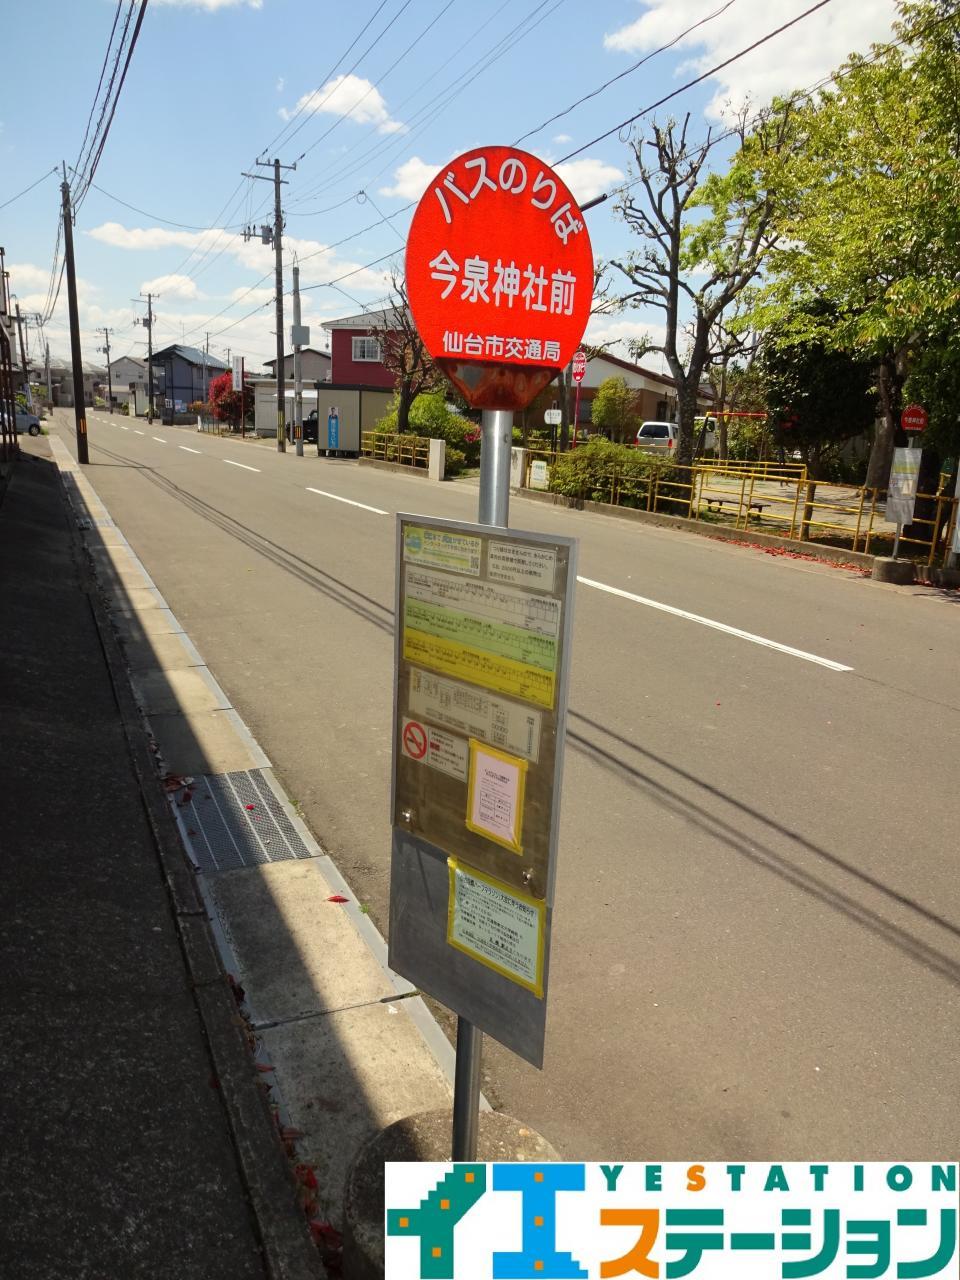 仙台市交通 バス「今泉神社前」停